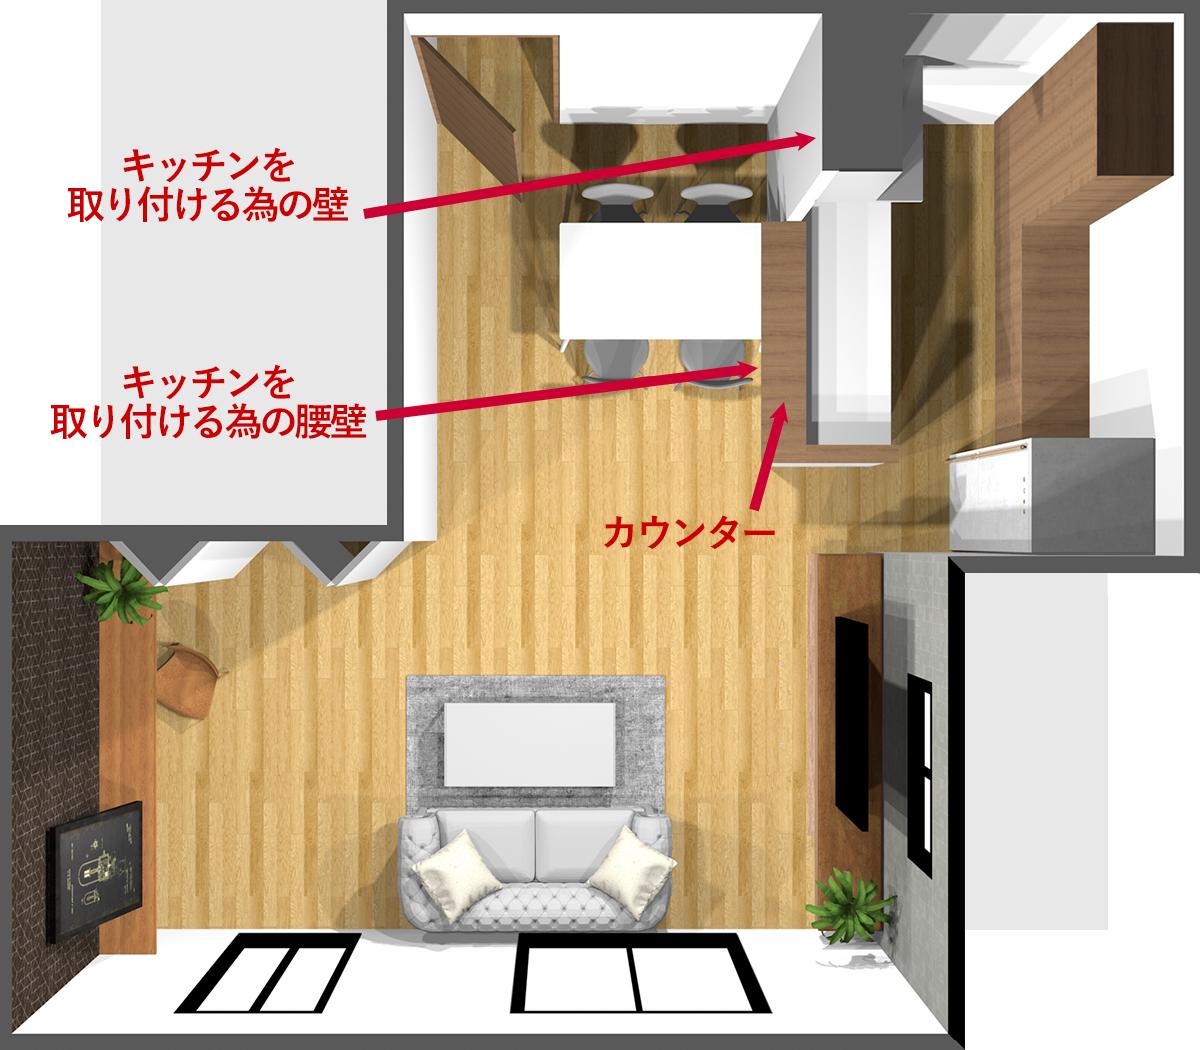 対面キッチンの壁の位置とカウンター